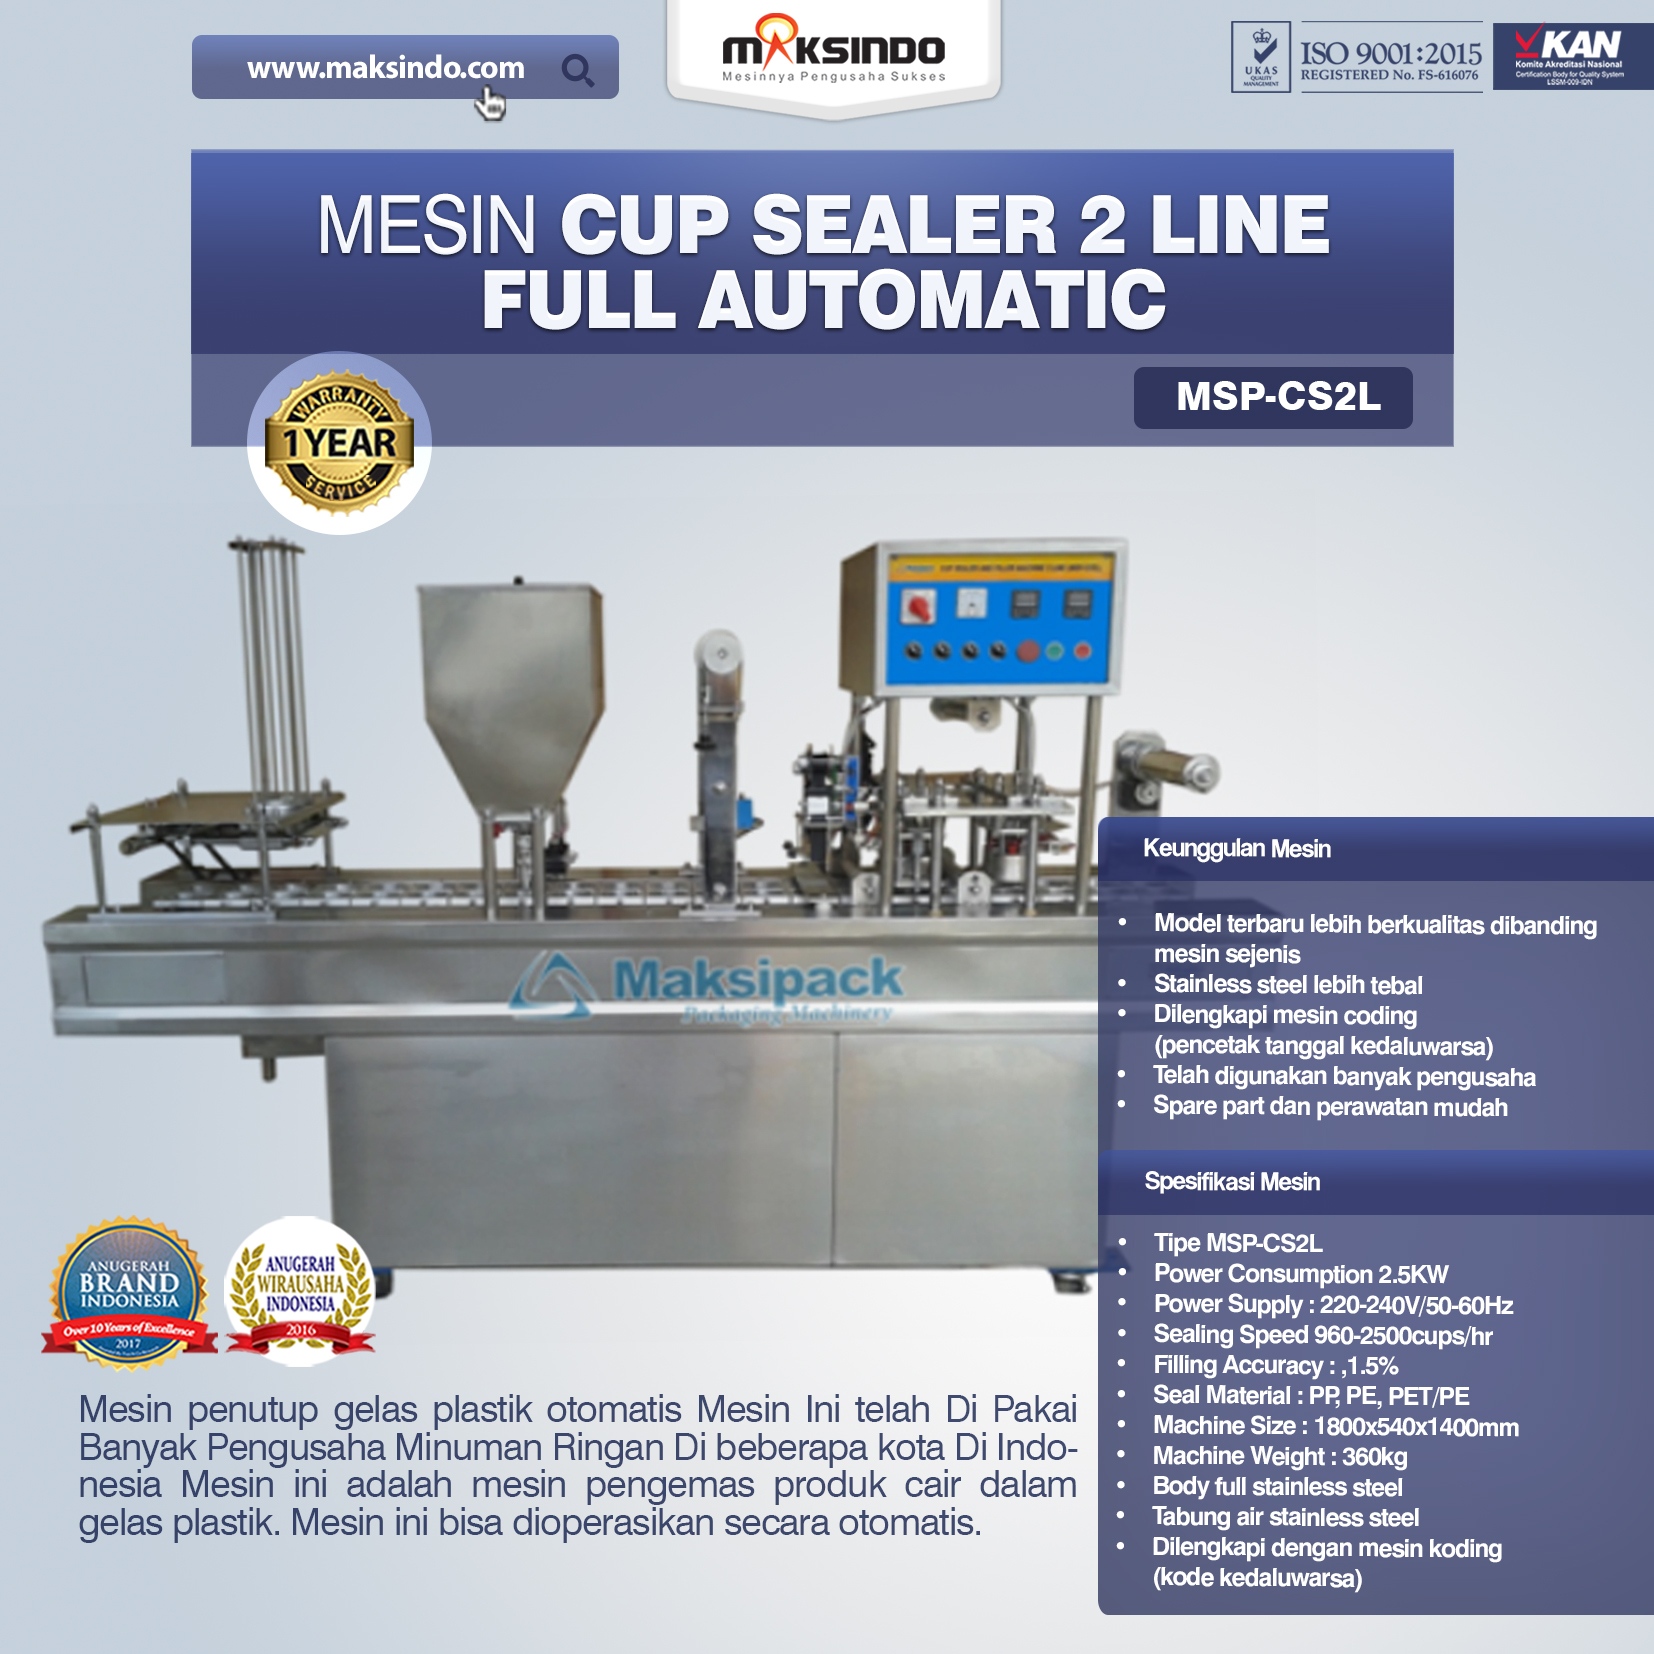 Jual Mesin Cup Sealer Otomatis 2 line dan 4 line di Bekasi